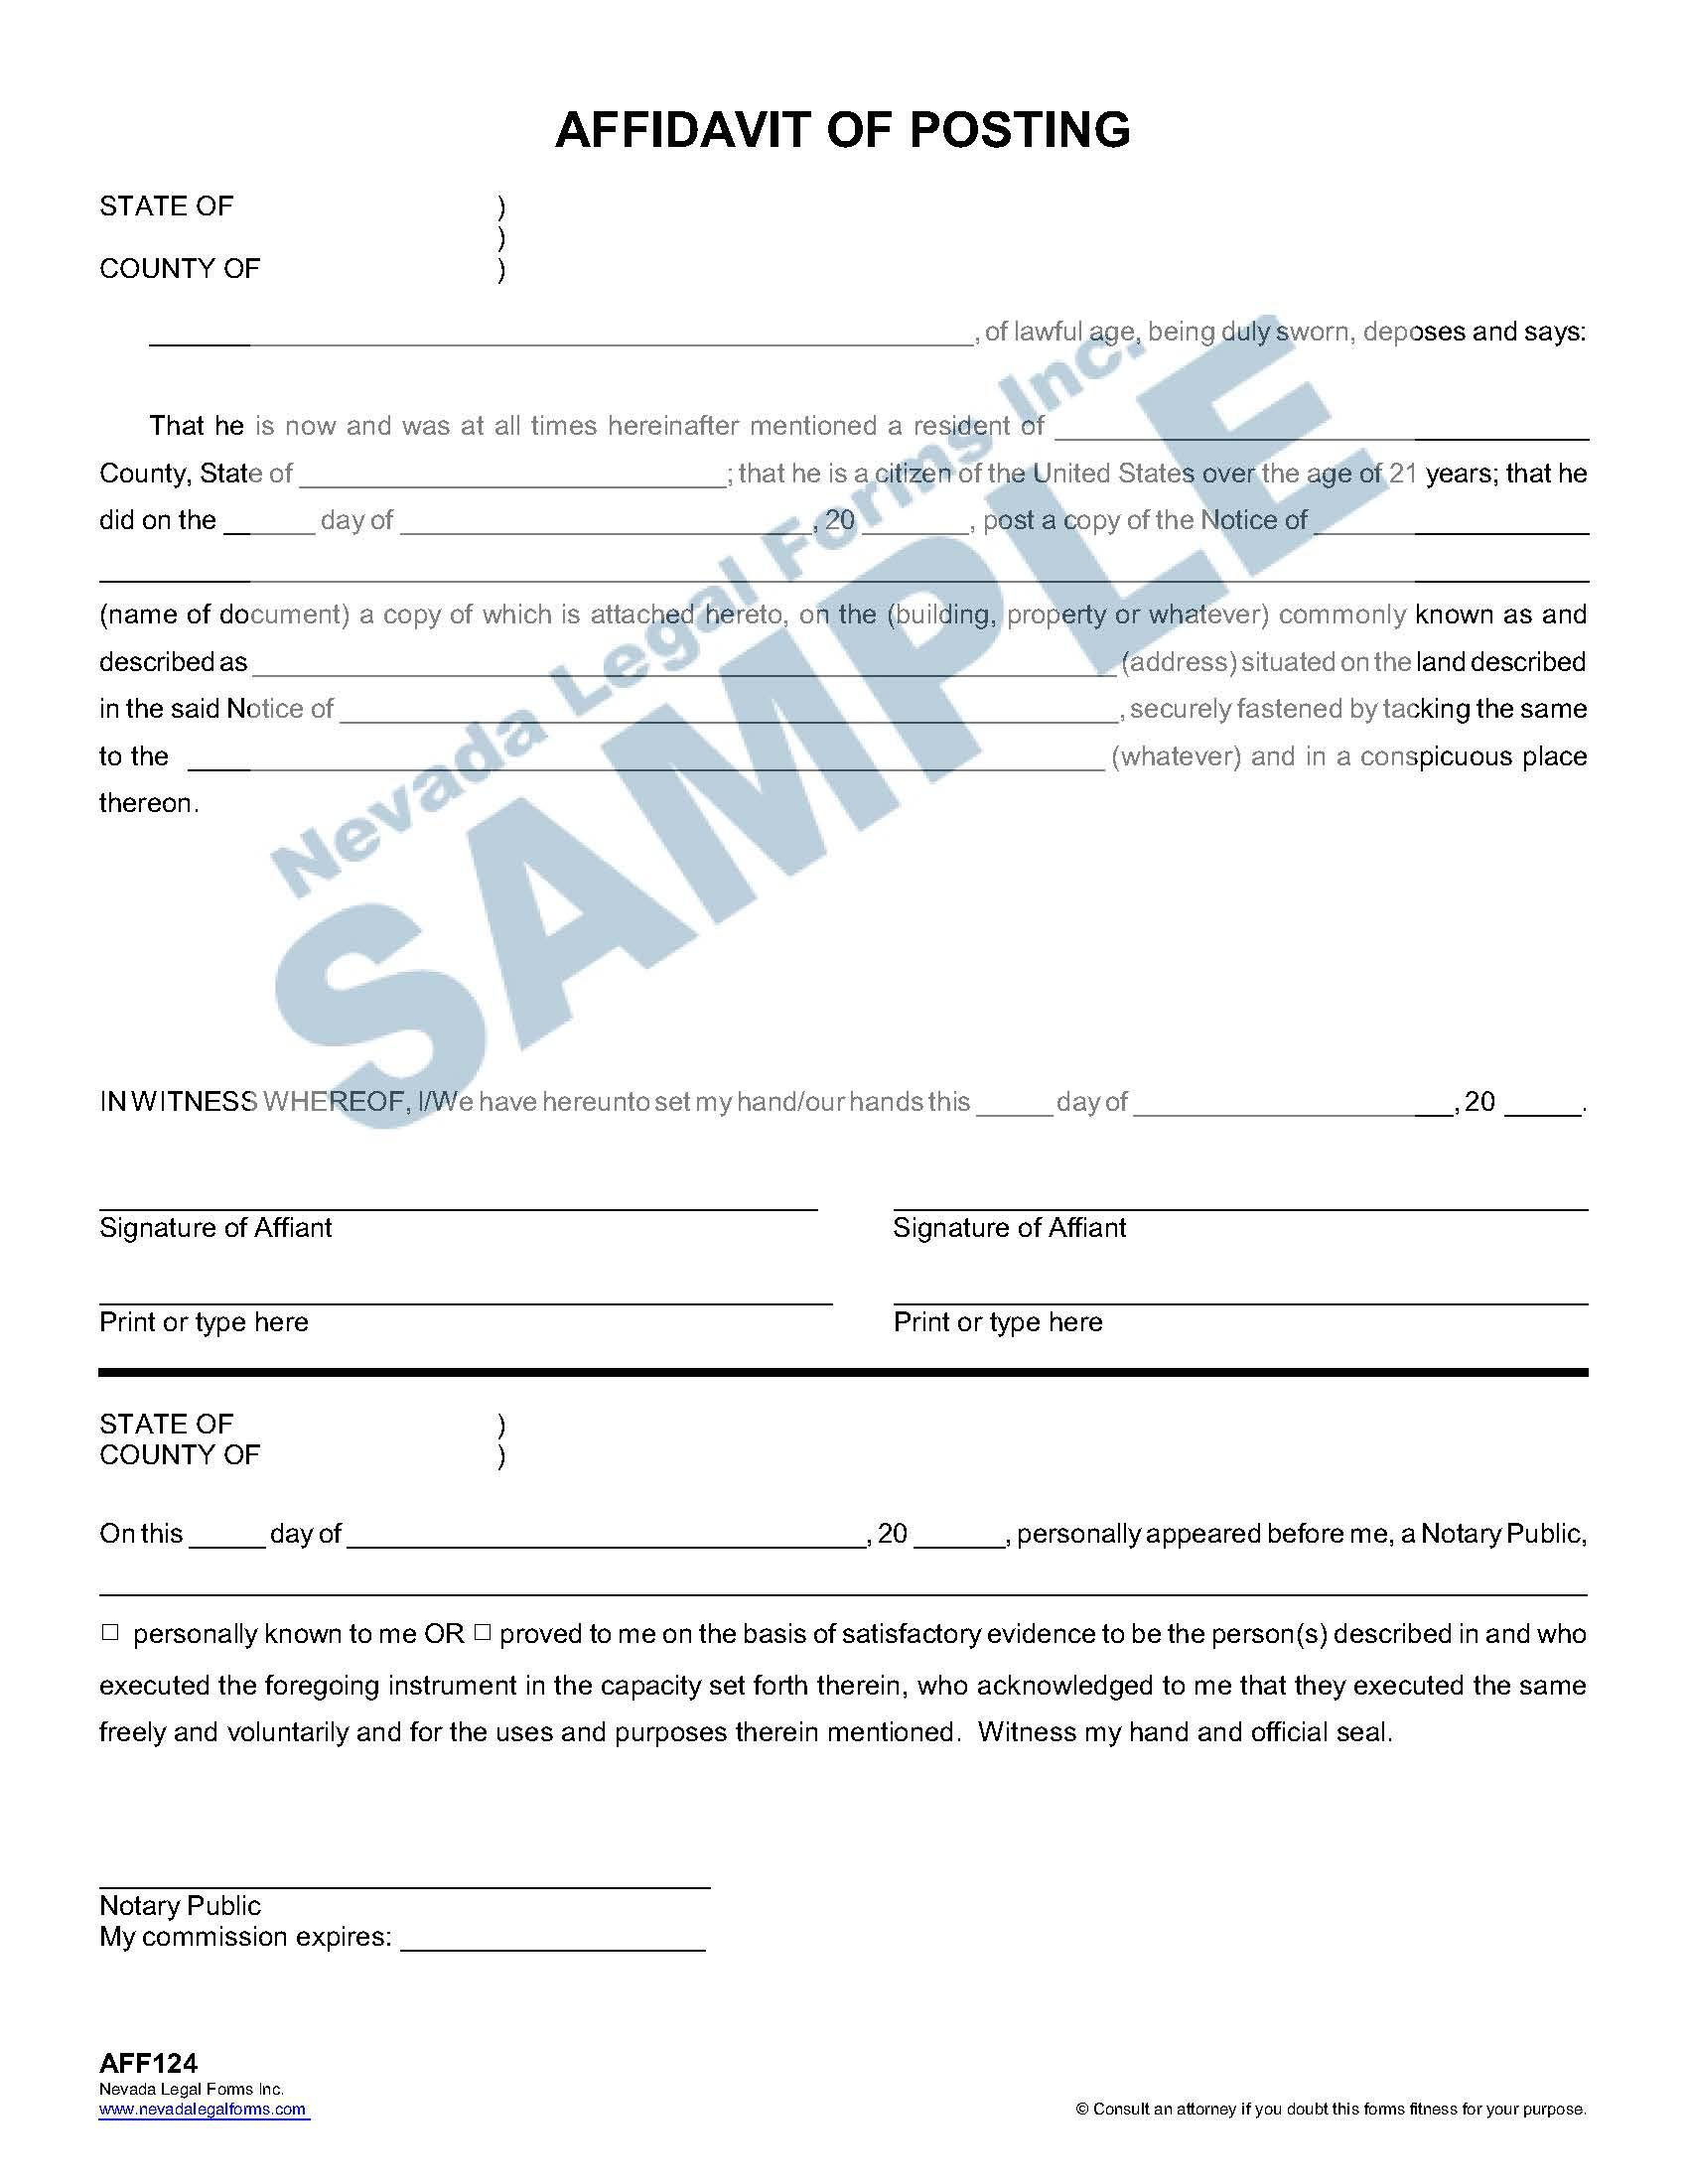 Affidavit Of Posting